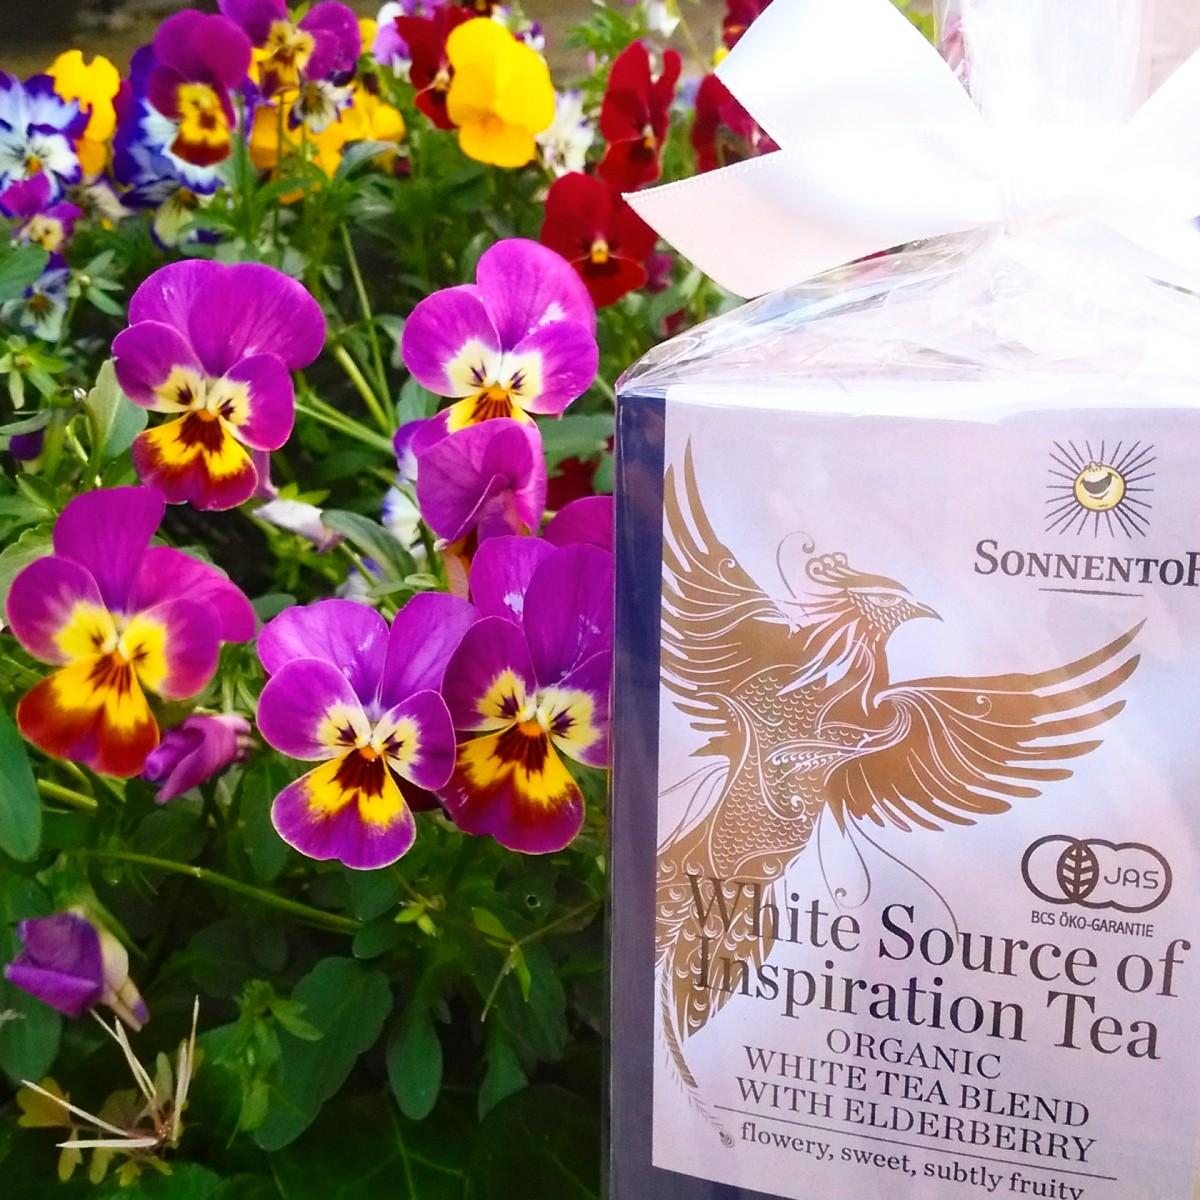 「美人をつくる」お茶♡ 抗酸化成分が緑茶の3倍以上、オーガニック ホワイトティー【ゾネントア社】